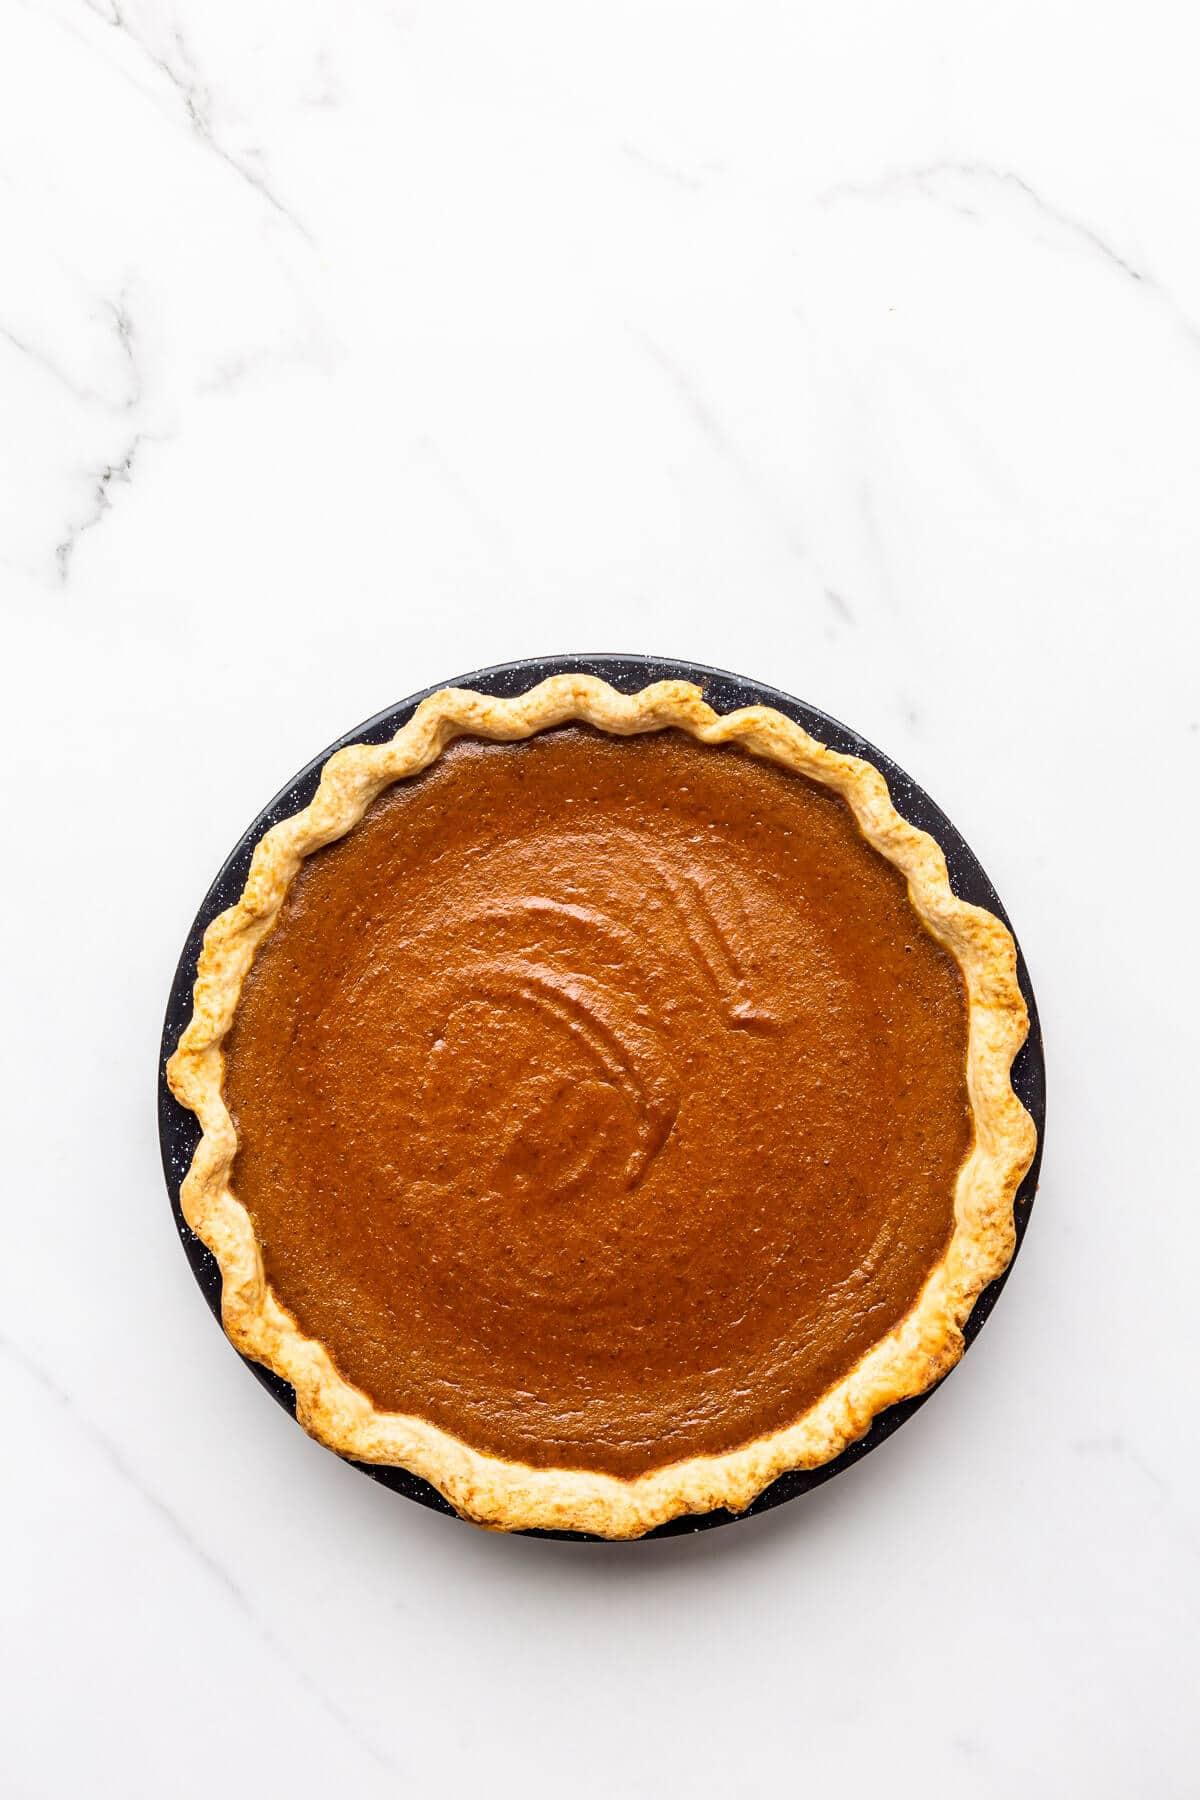 Freshly baked pumpkin pie.